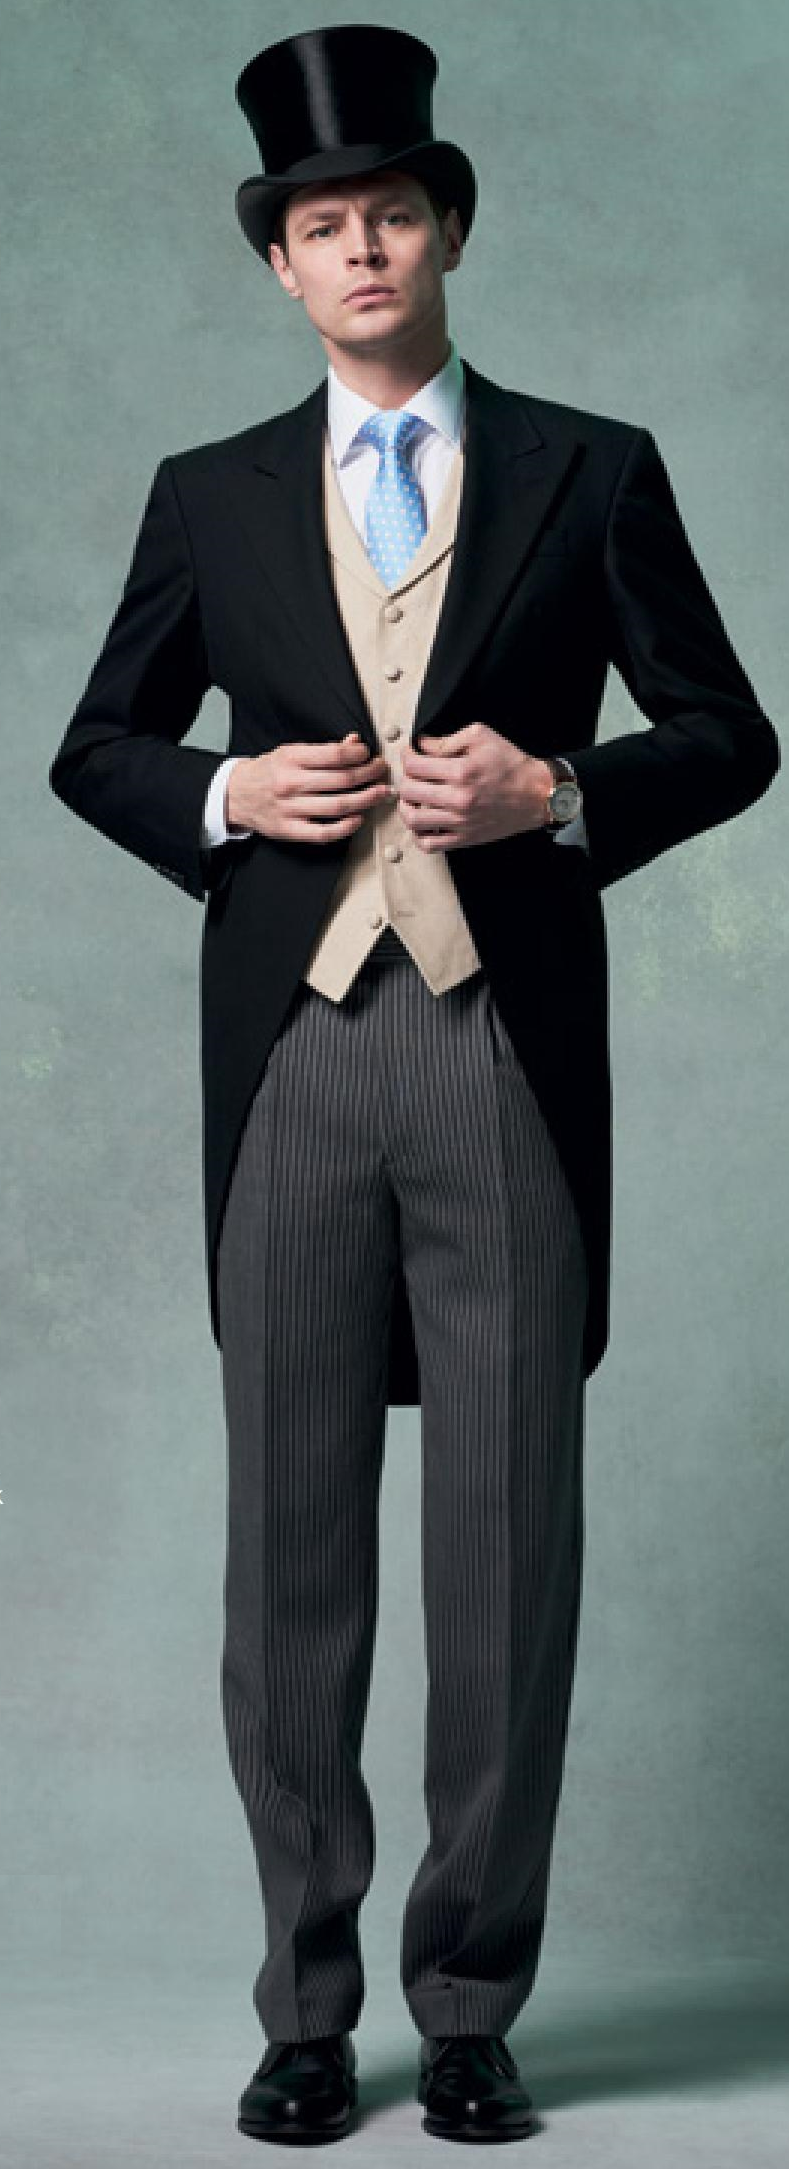 Royal Ascot Dress Code for Men 2017